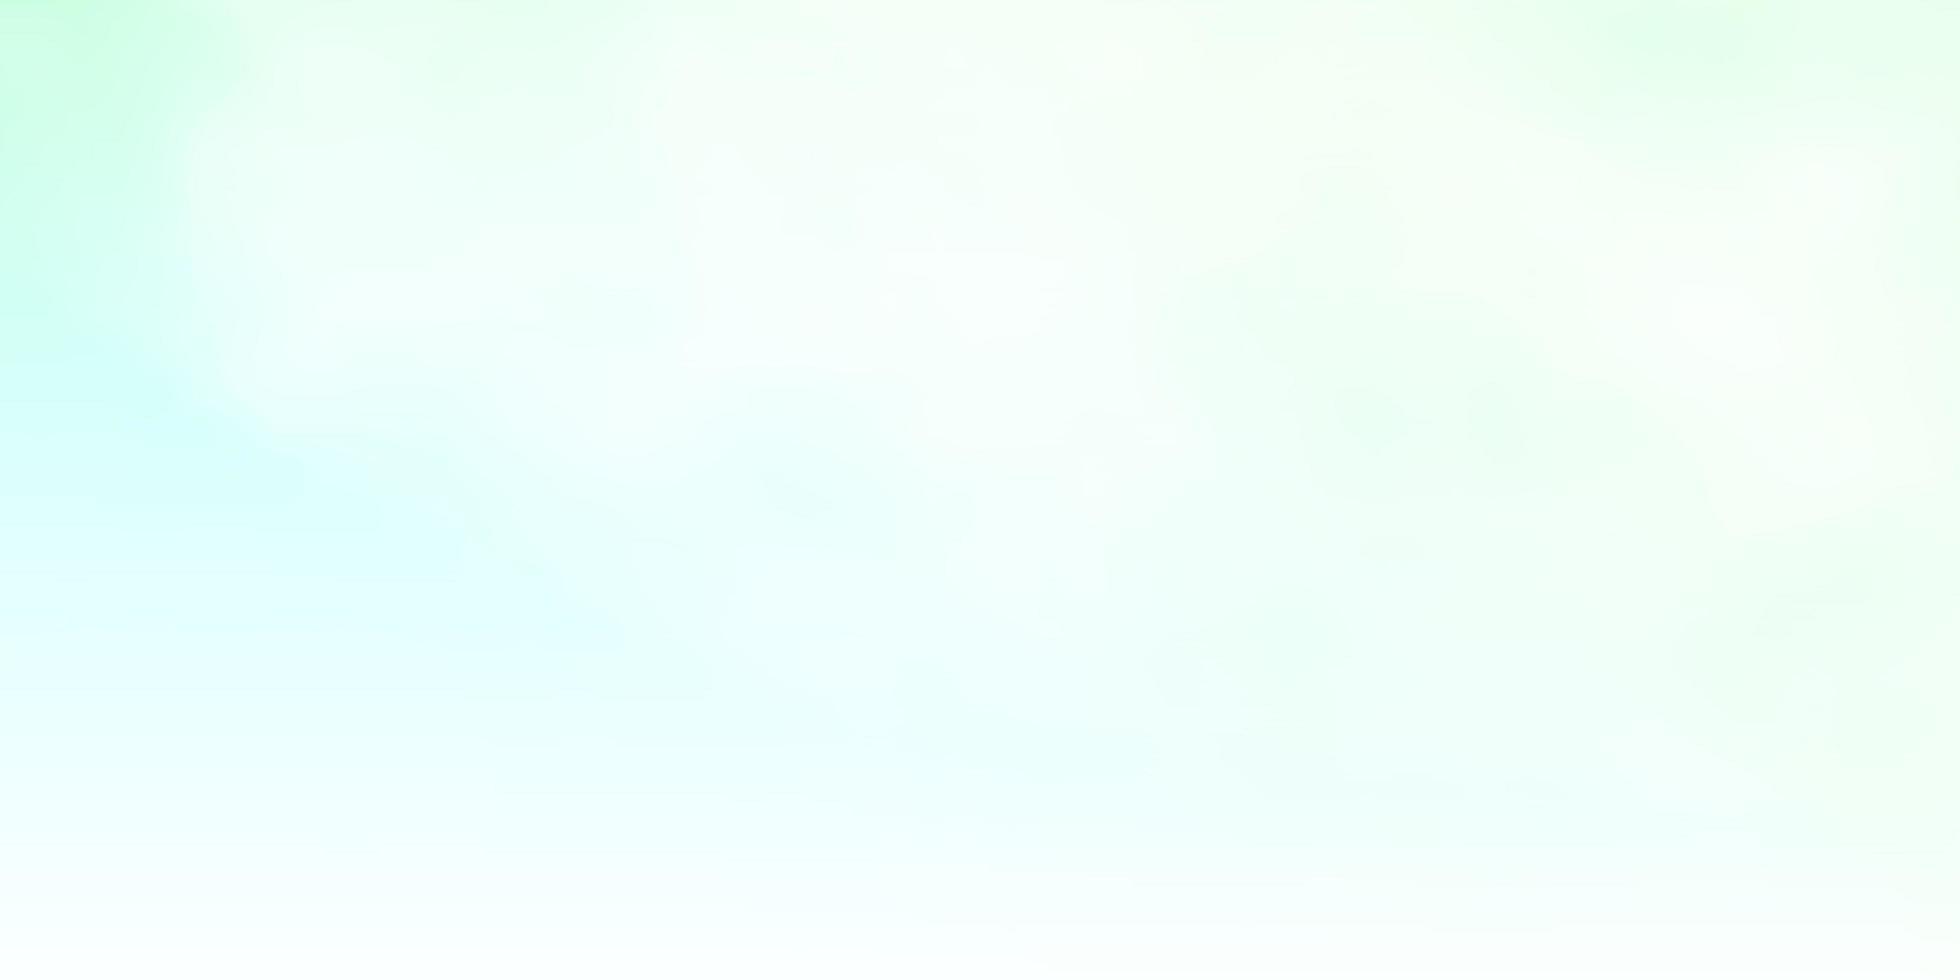 fundo verde claro do vetor com nuvens.